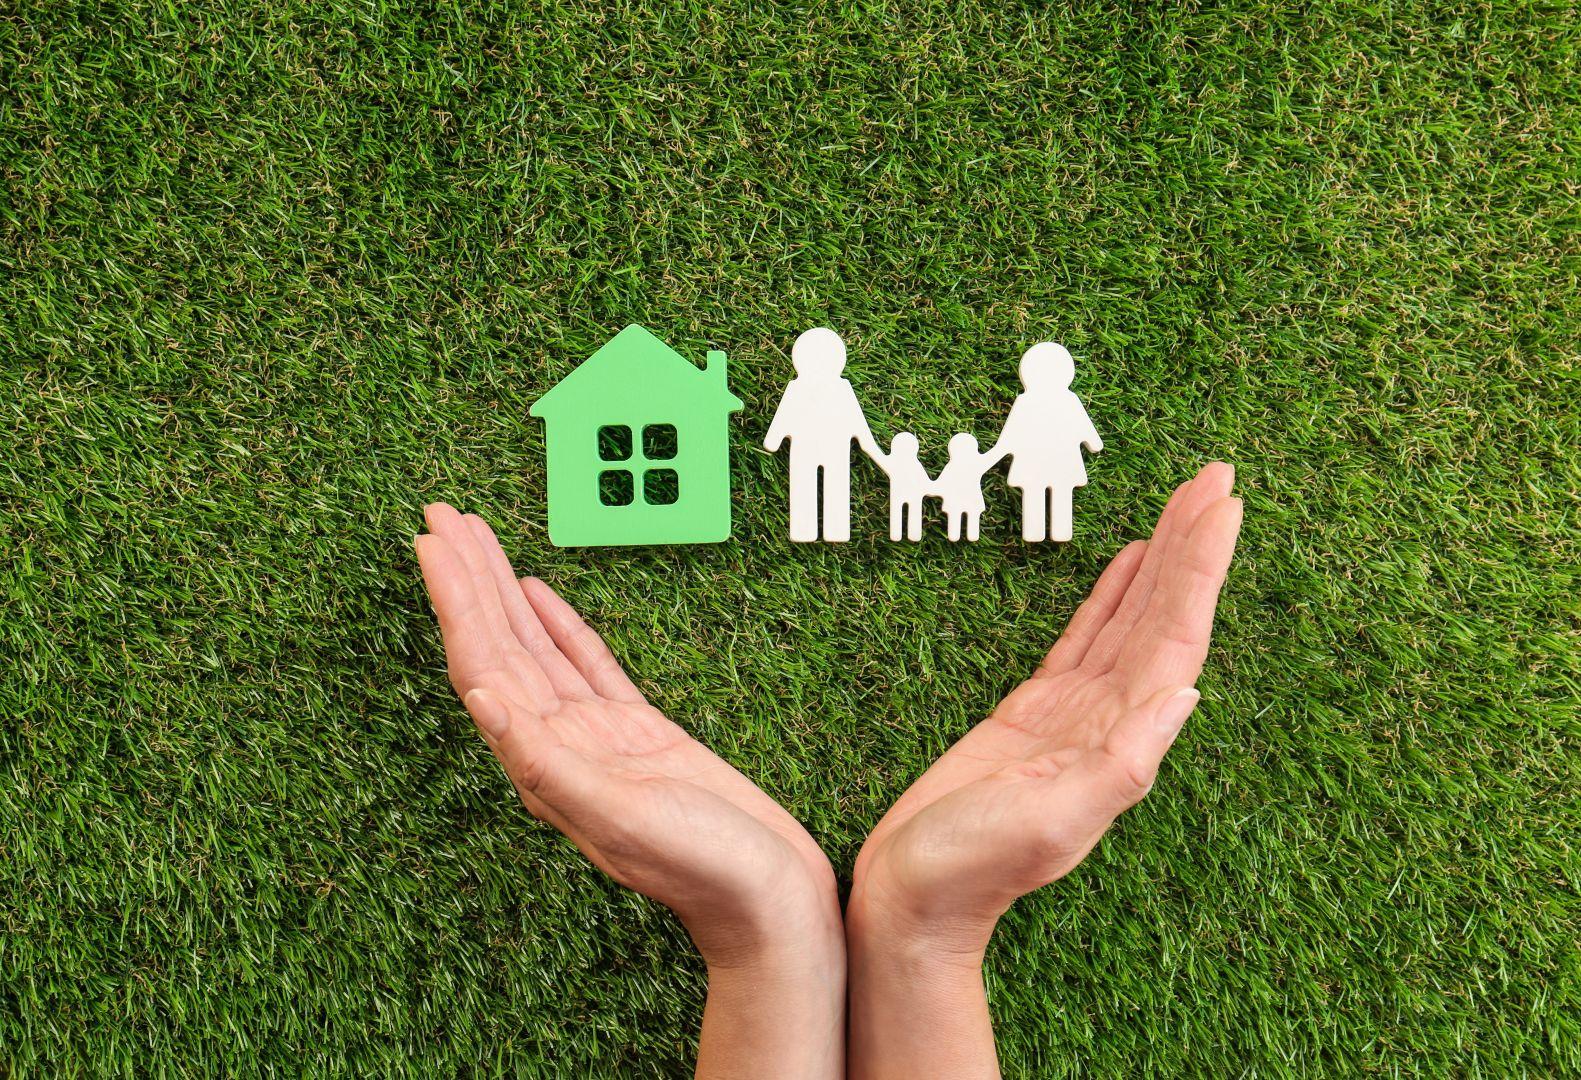 L'écologie est le 2e critère d'achat immobilier pour plus de 8 Français sur 10